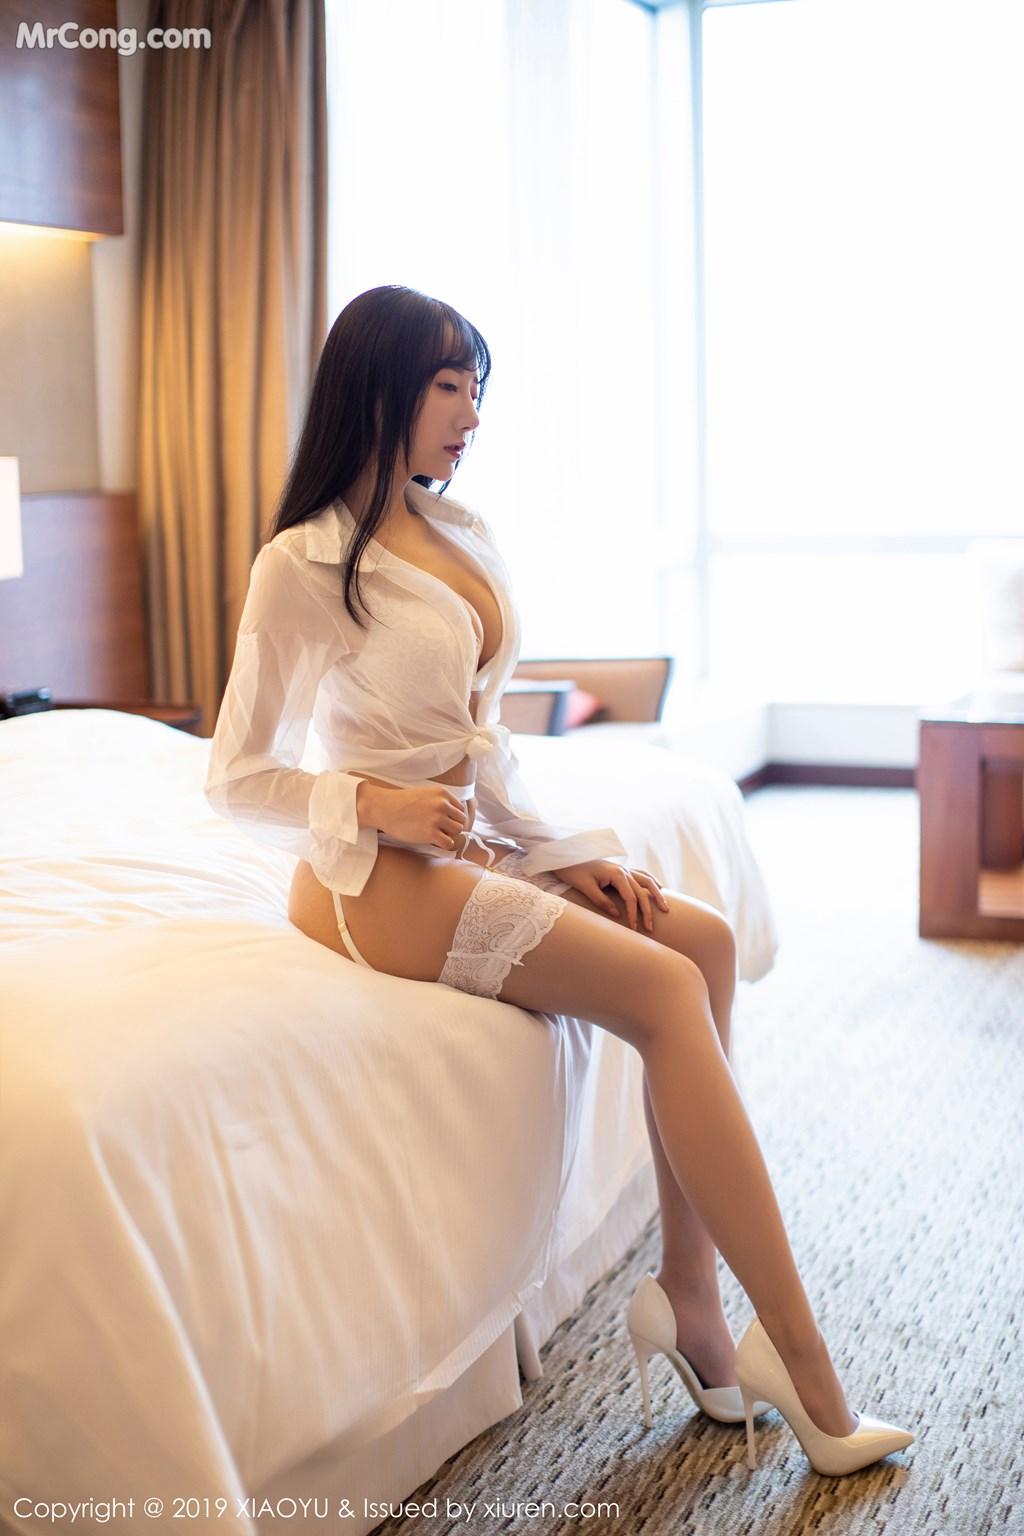 Image XiaoYu-Vol.076-He-Jia-Ying-MrCong.com-006 in post XiaoYu Vol.076: He Jia Ying (何嘉颖) (72 ảnh)